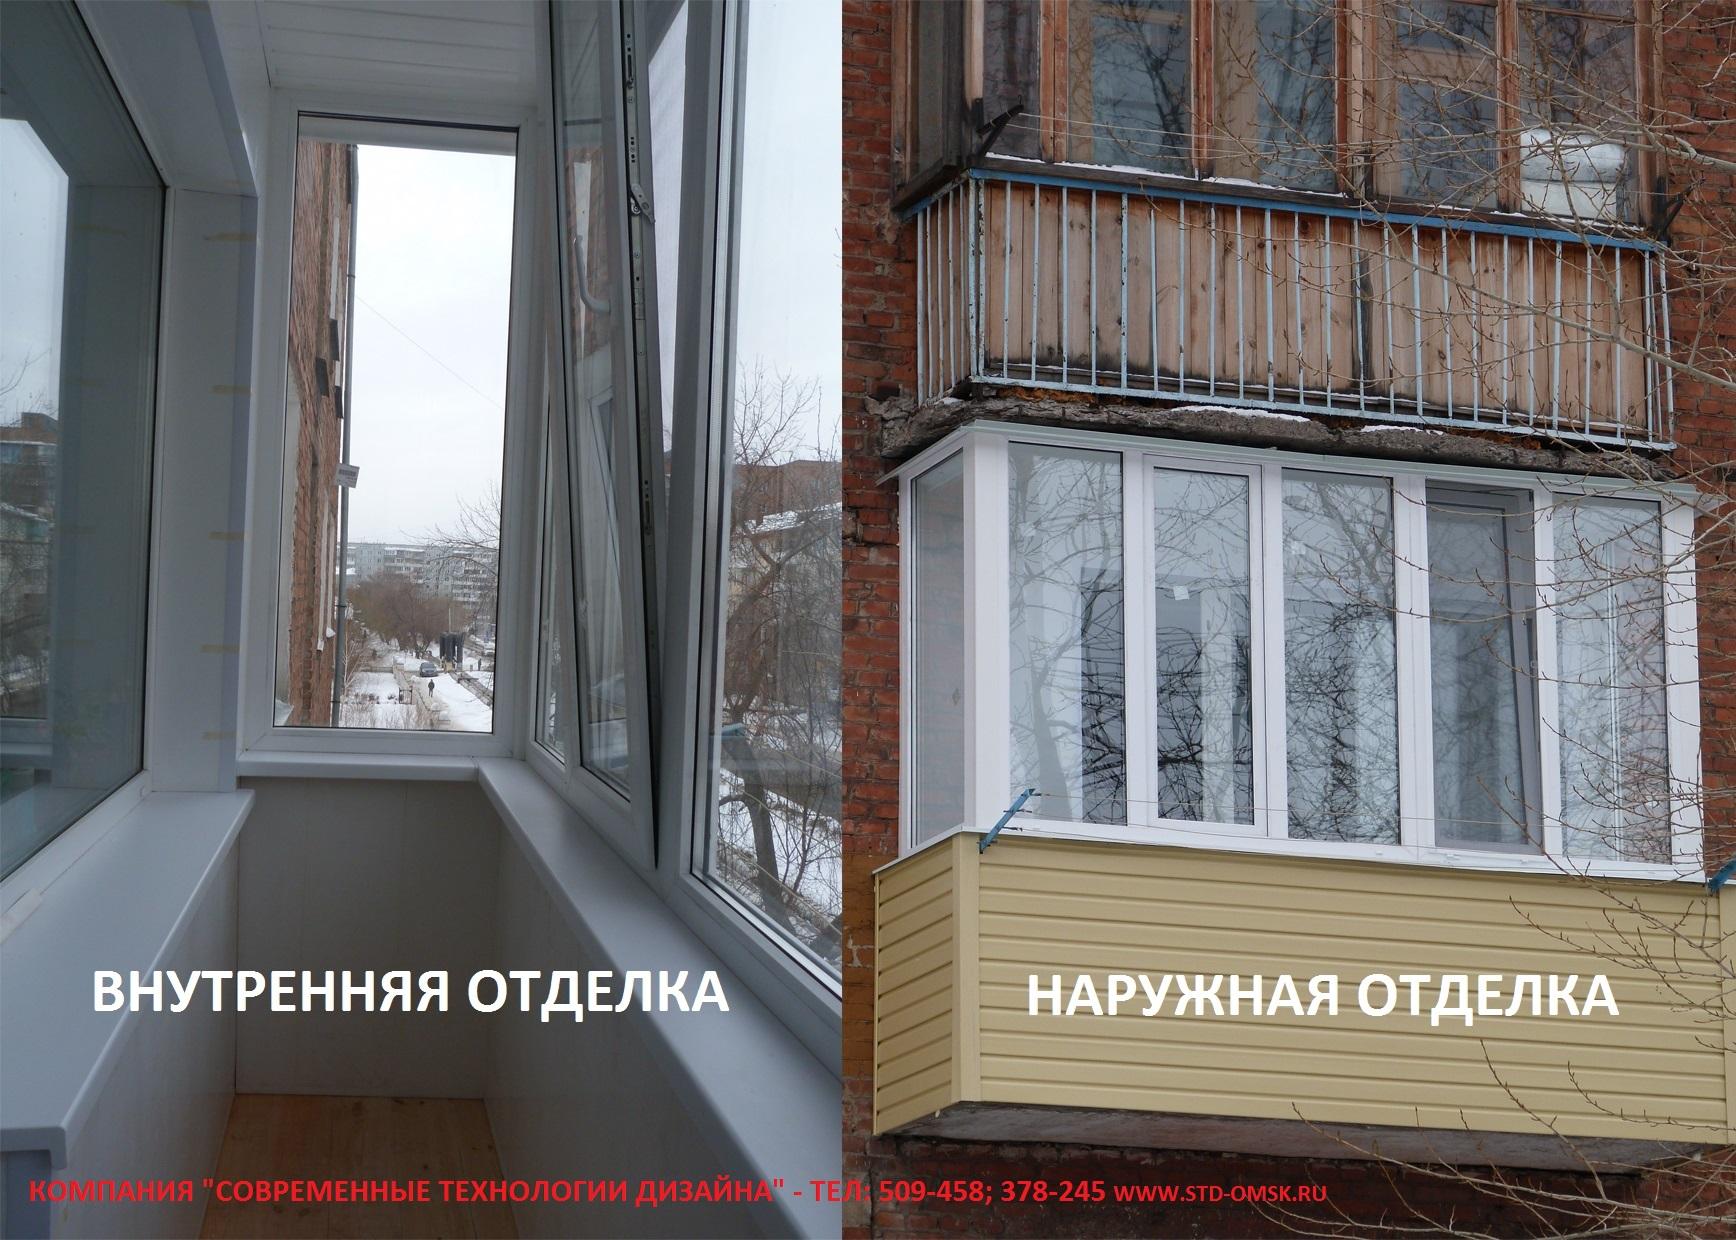 """Внешняя отделка балконов - """"современные технологии дизайна""""."""